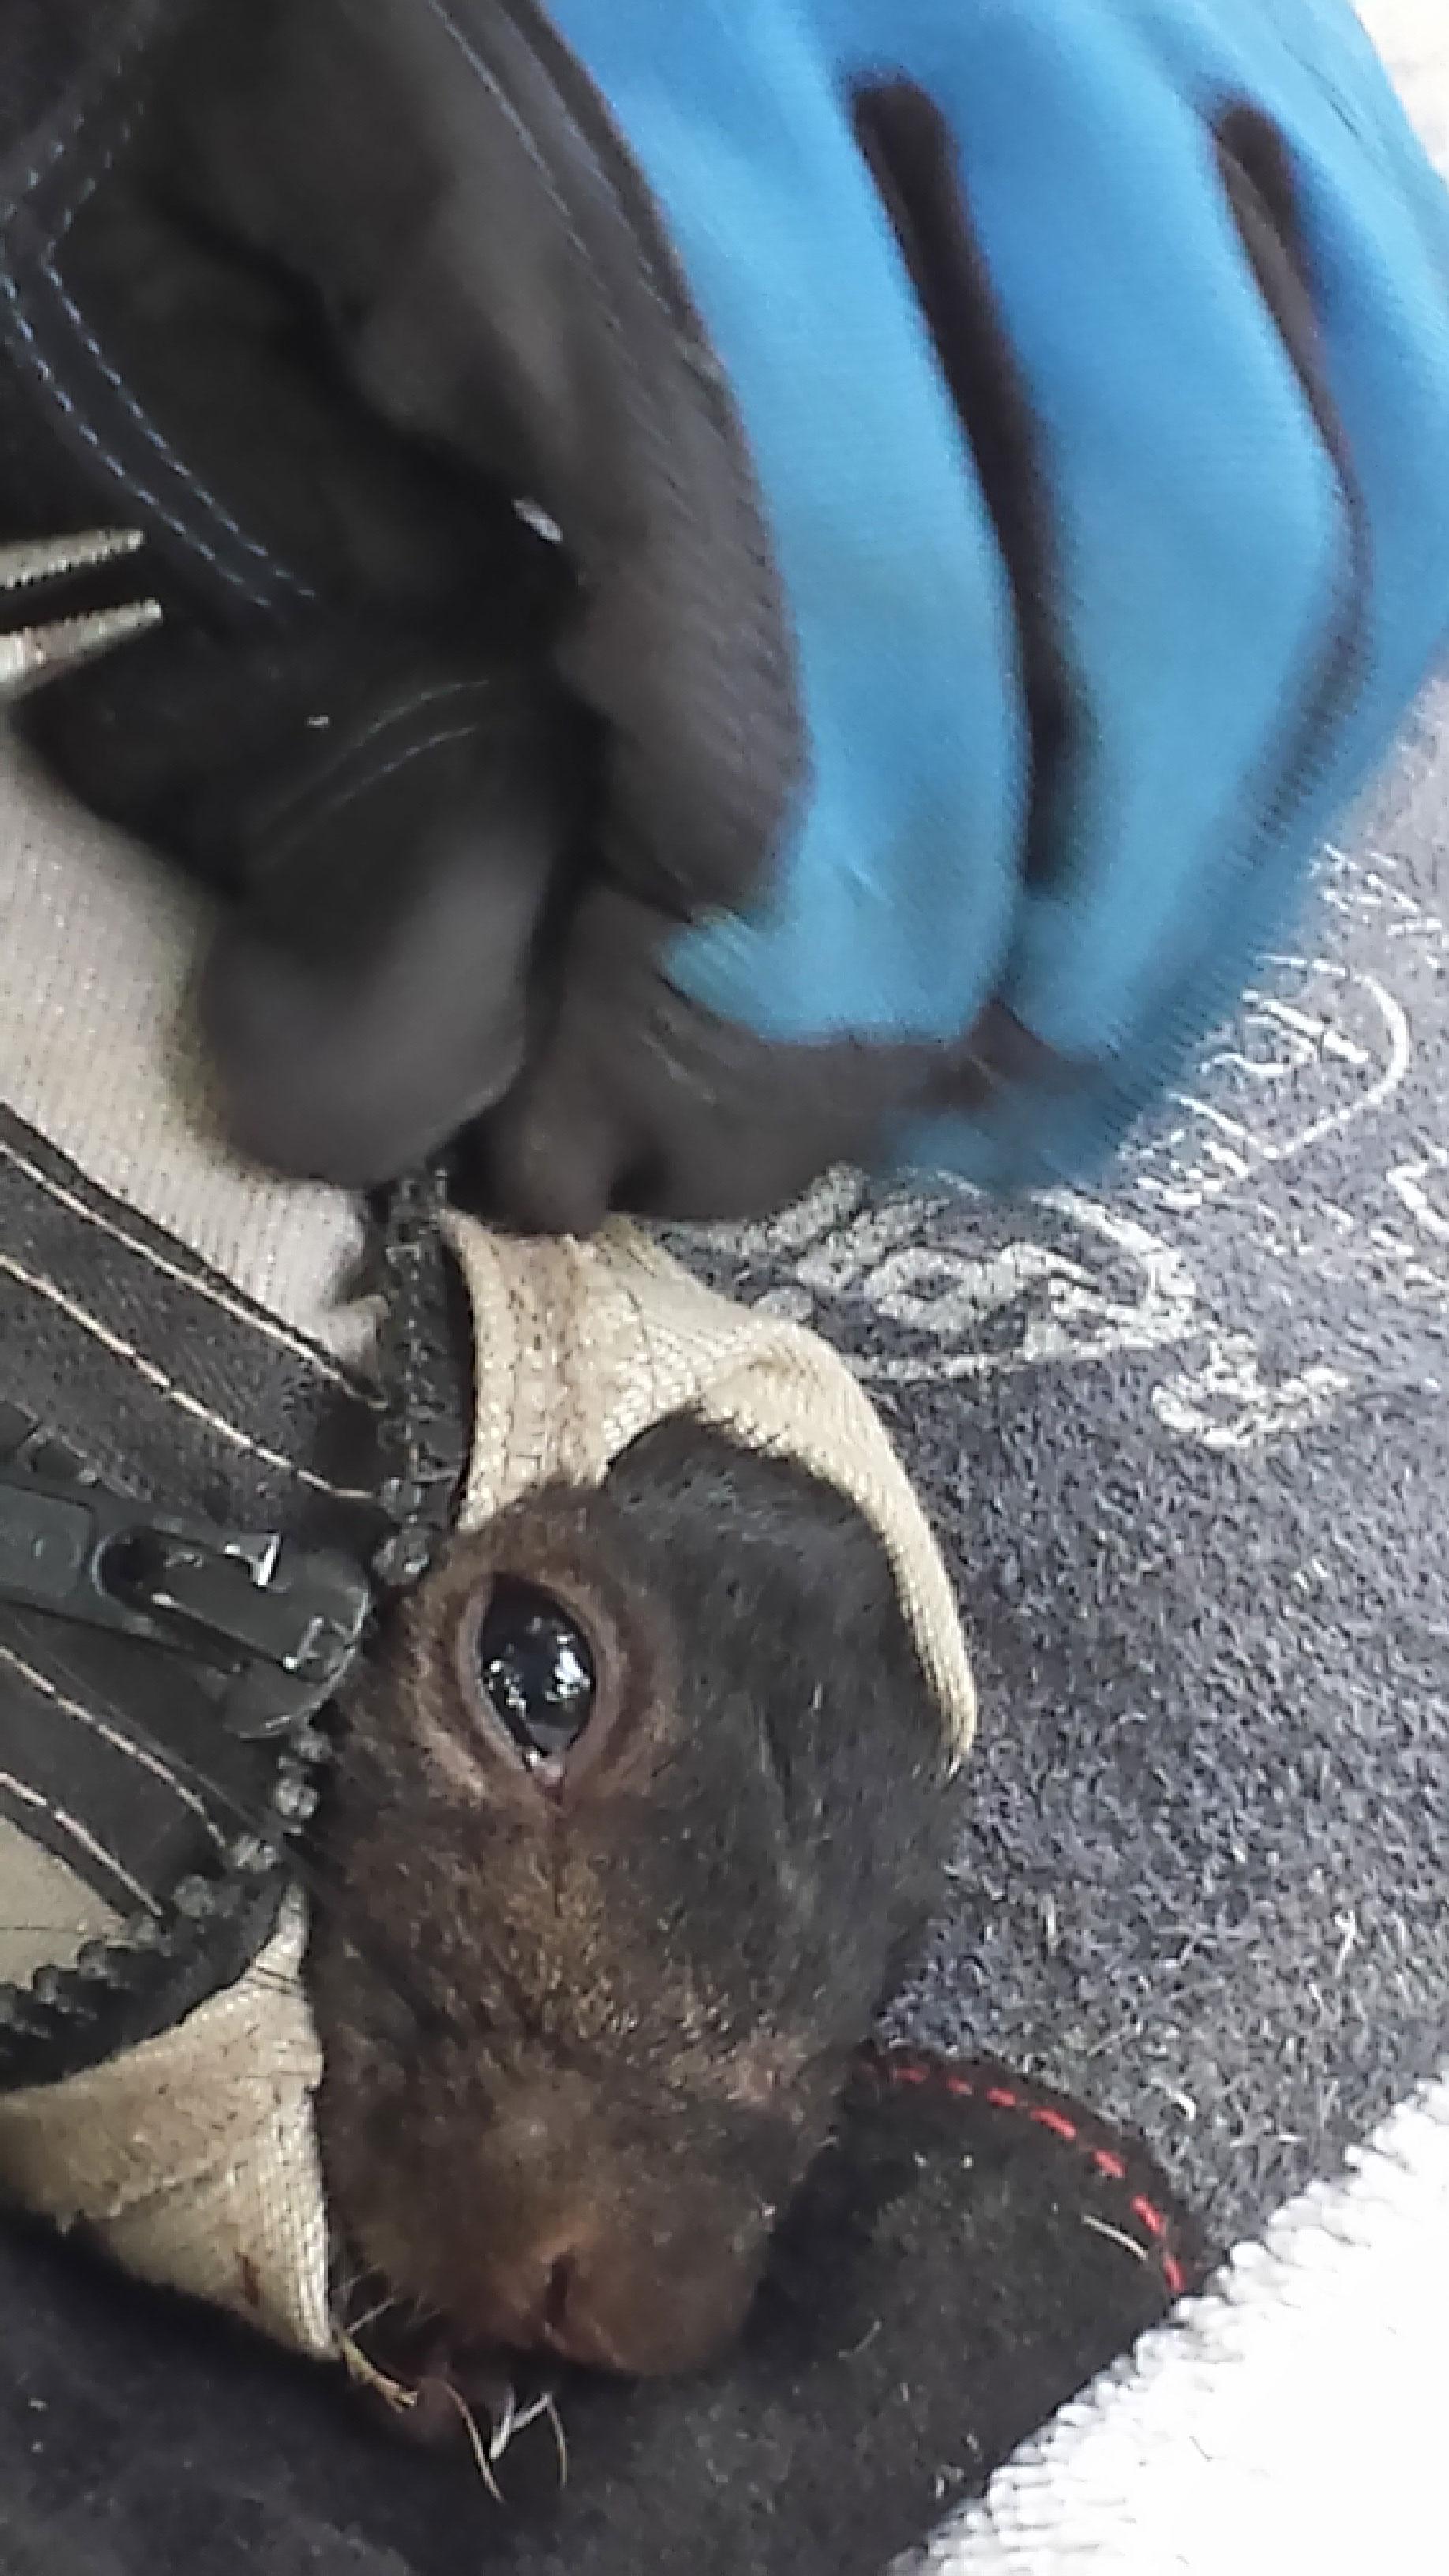 Squirrel-in-capture-bag